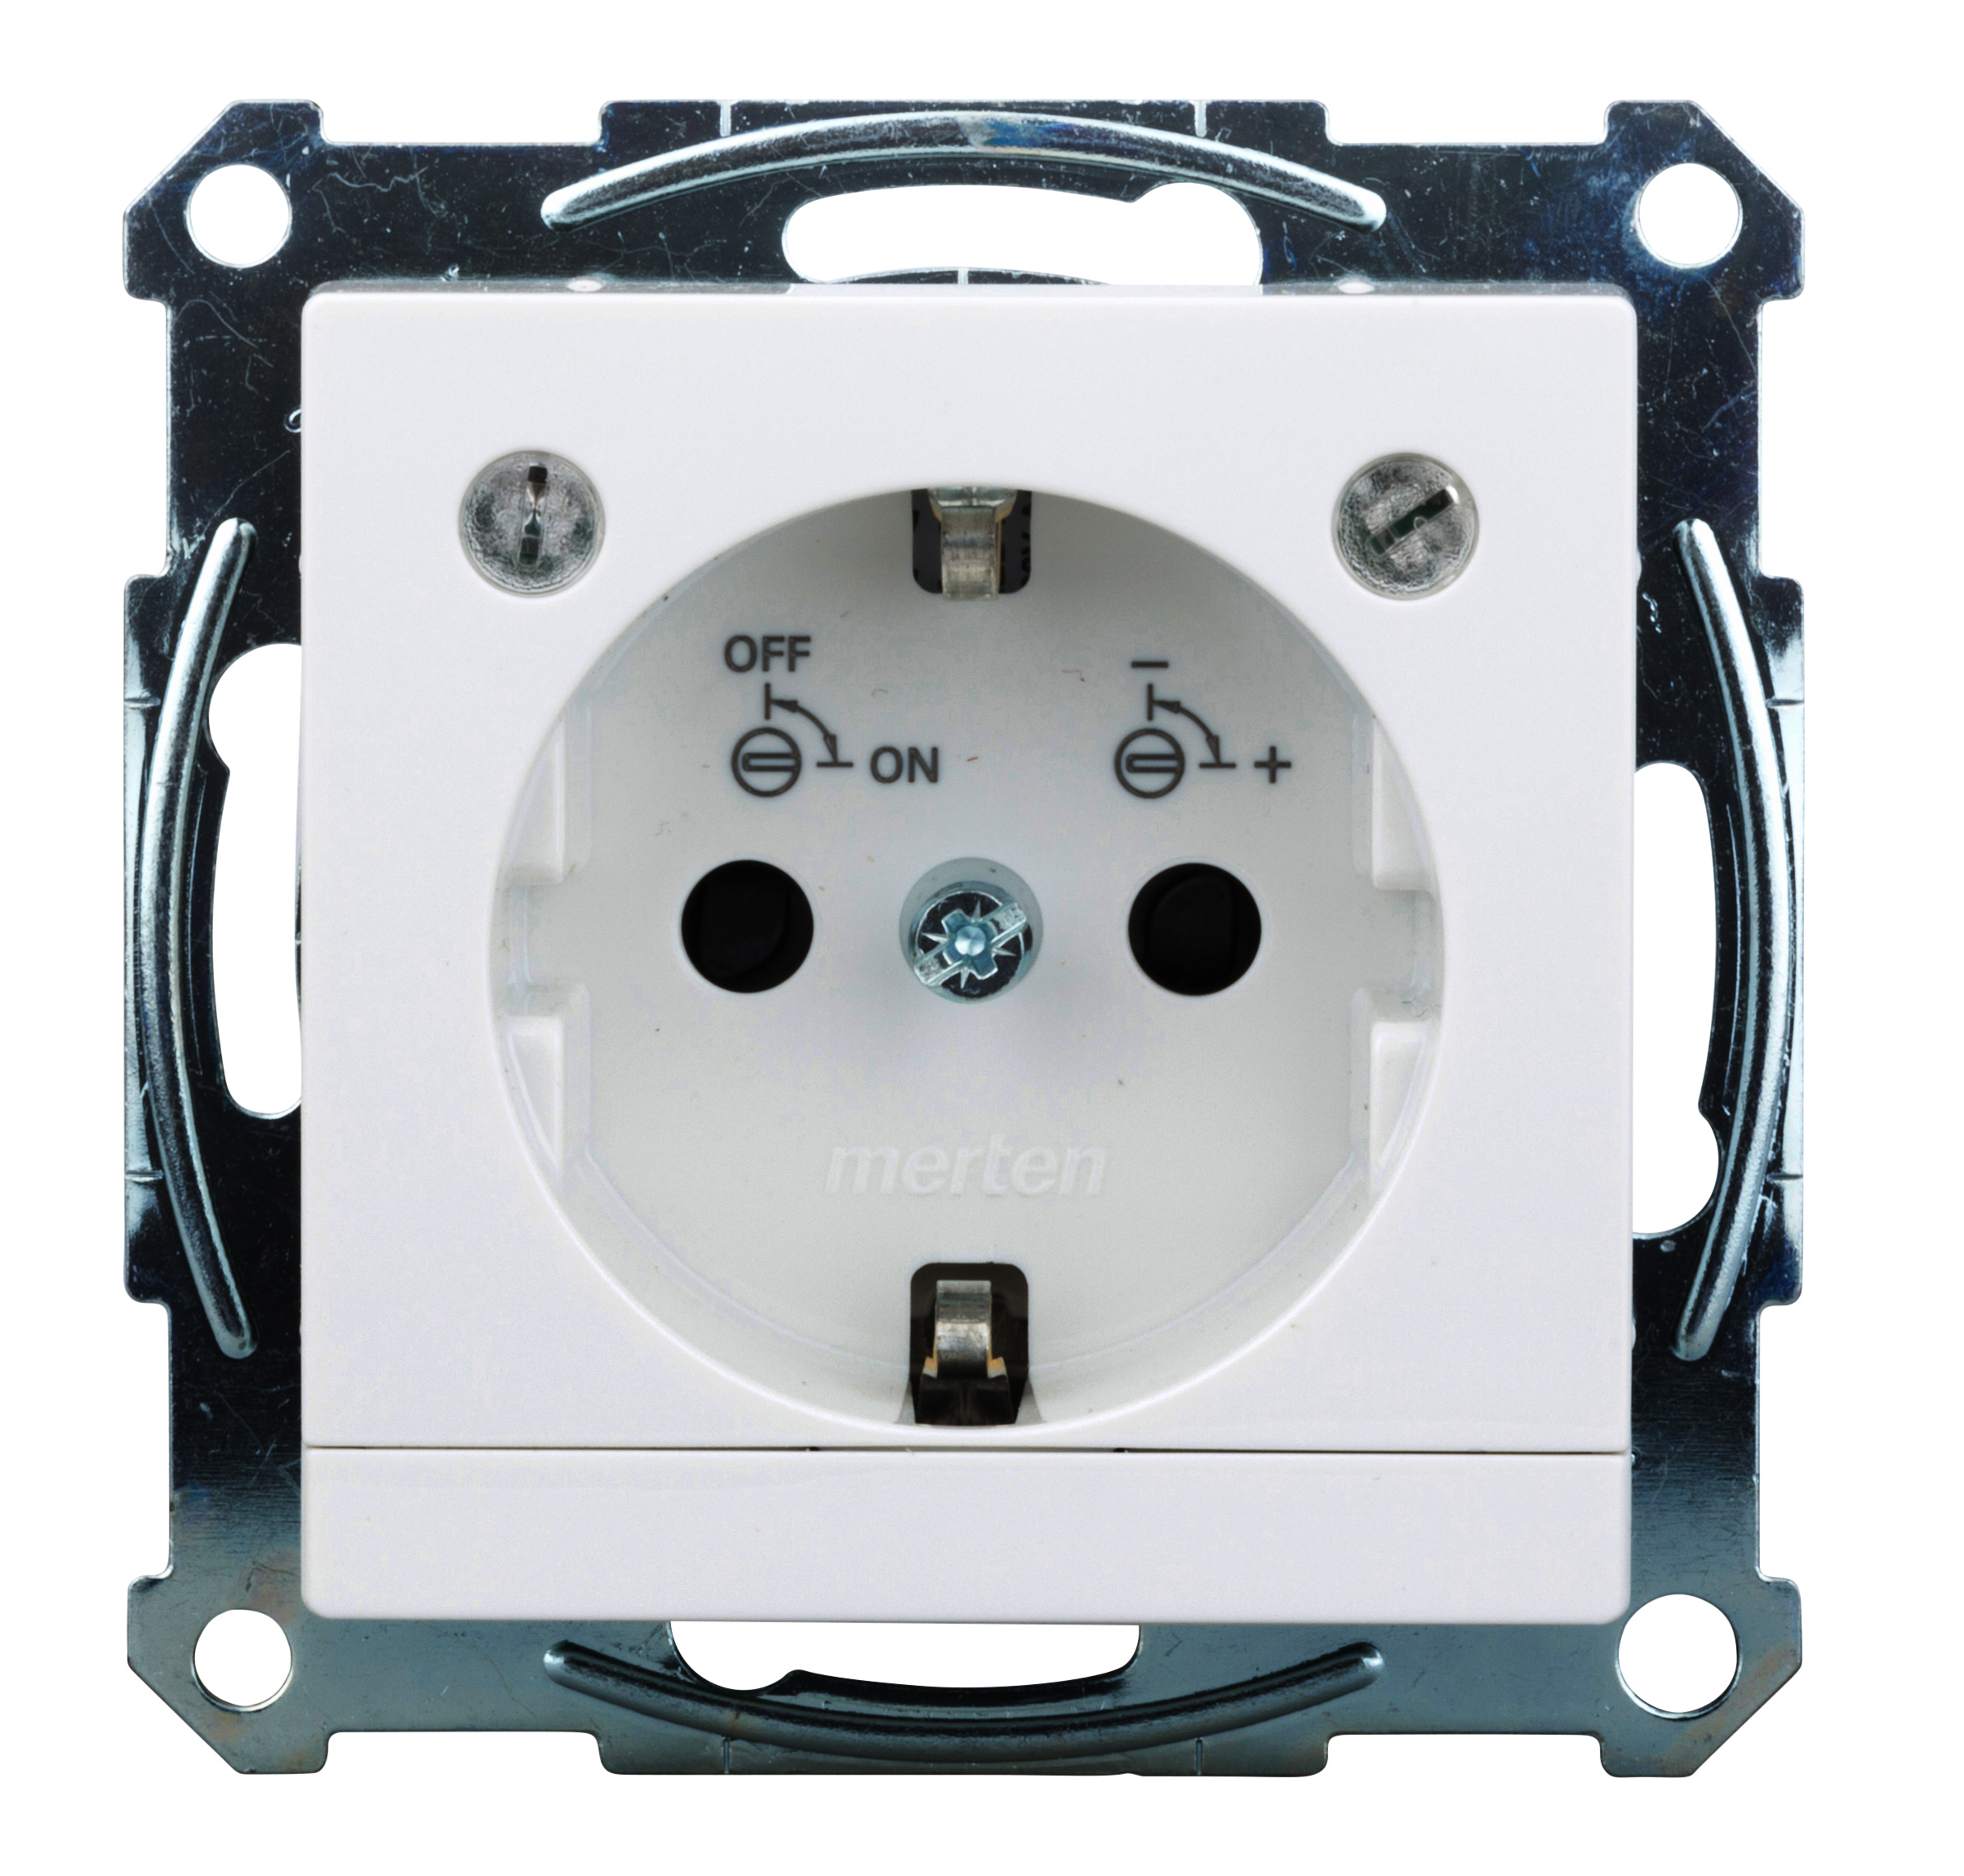 1 Stk SCHUKO-Steckdose mit Lichtauslass und LED-Beleuchtungs-Modul EL265304--